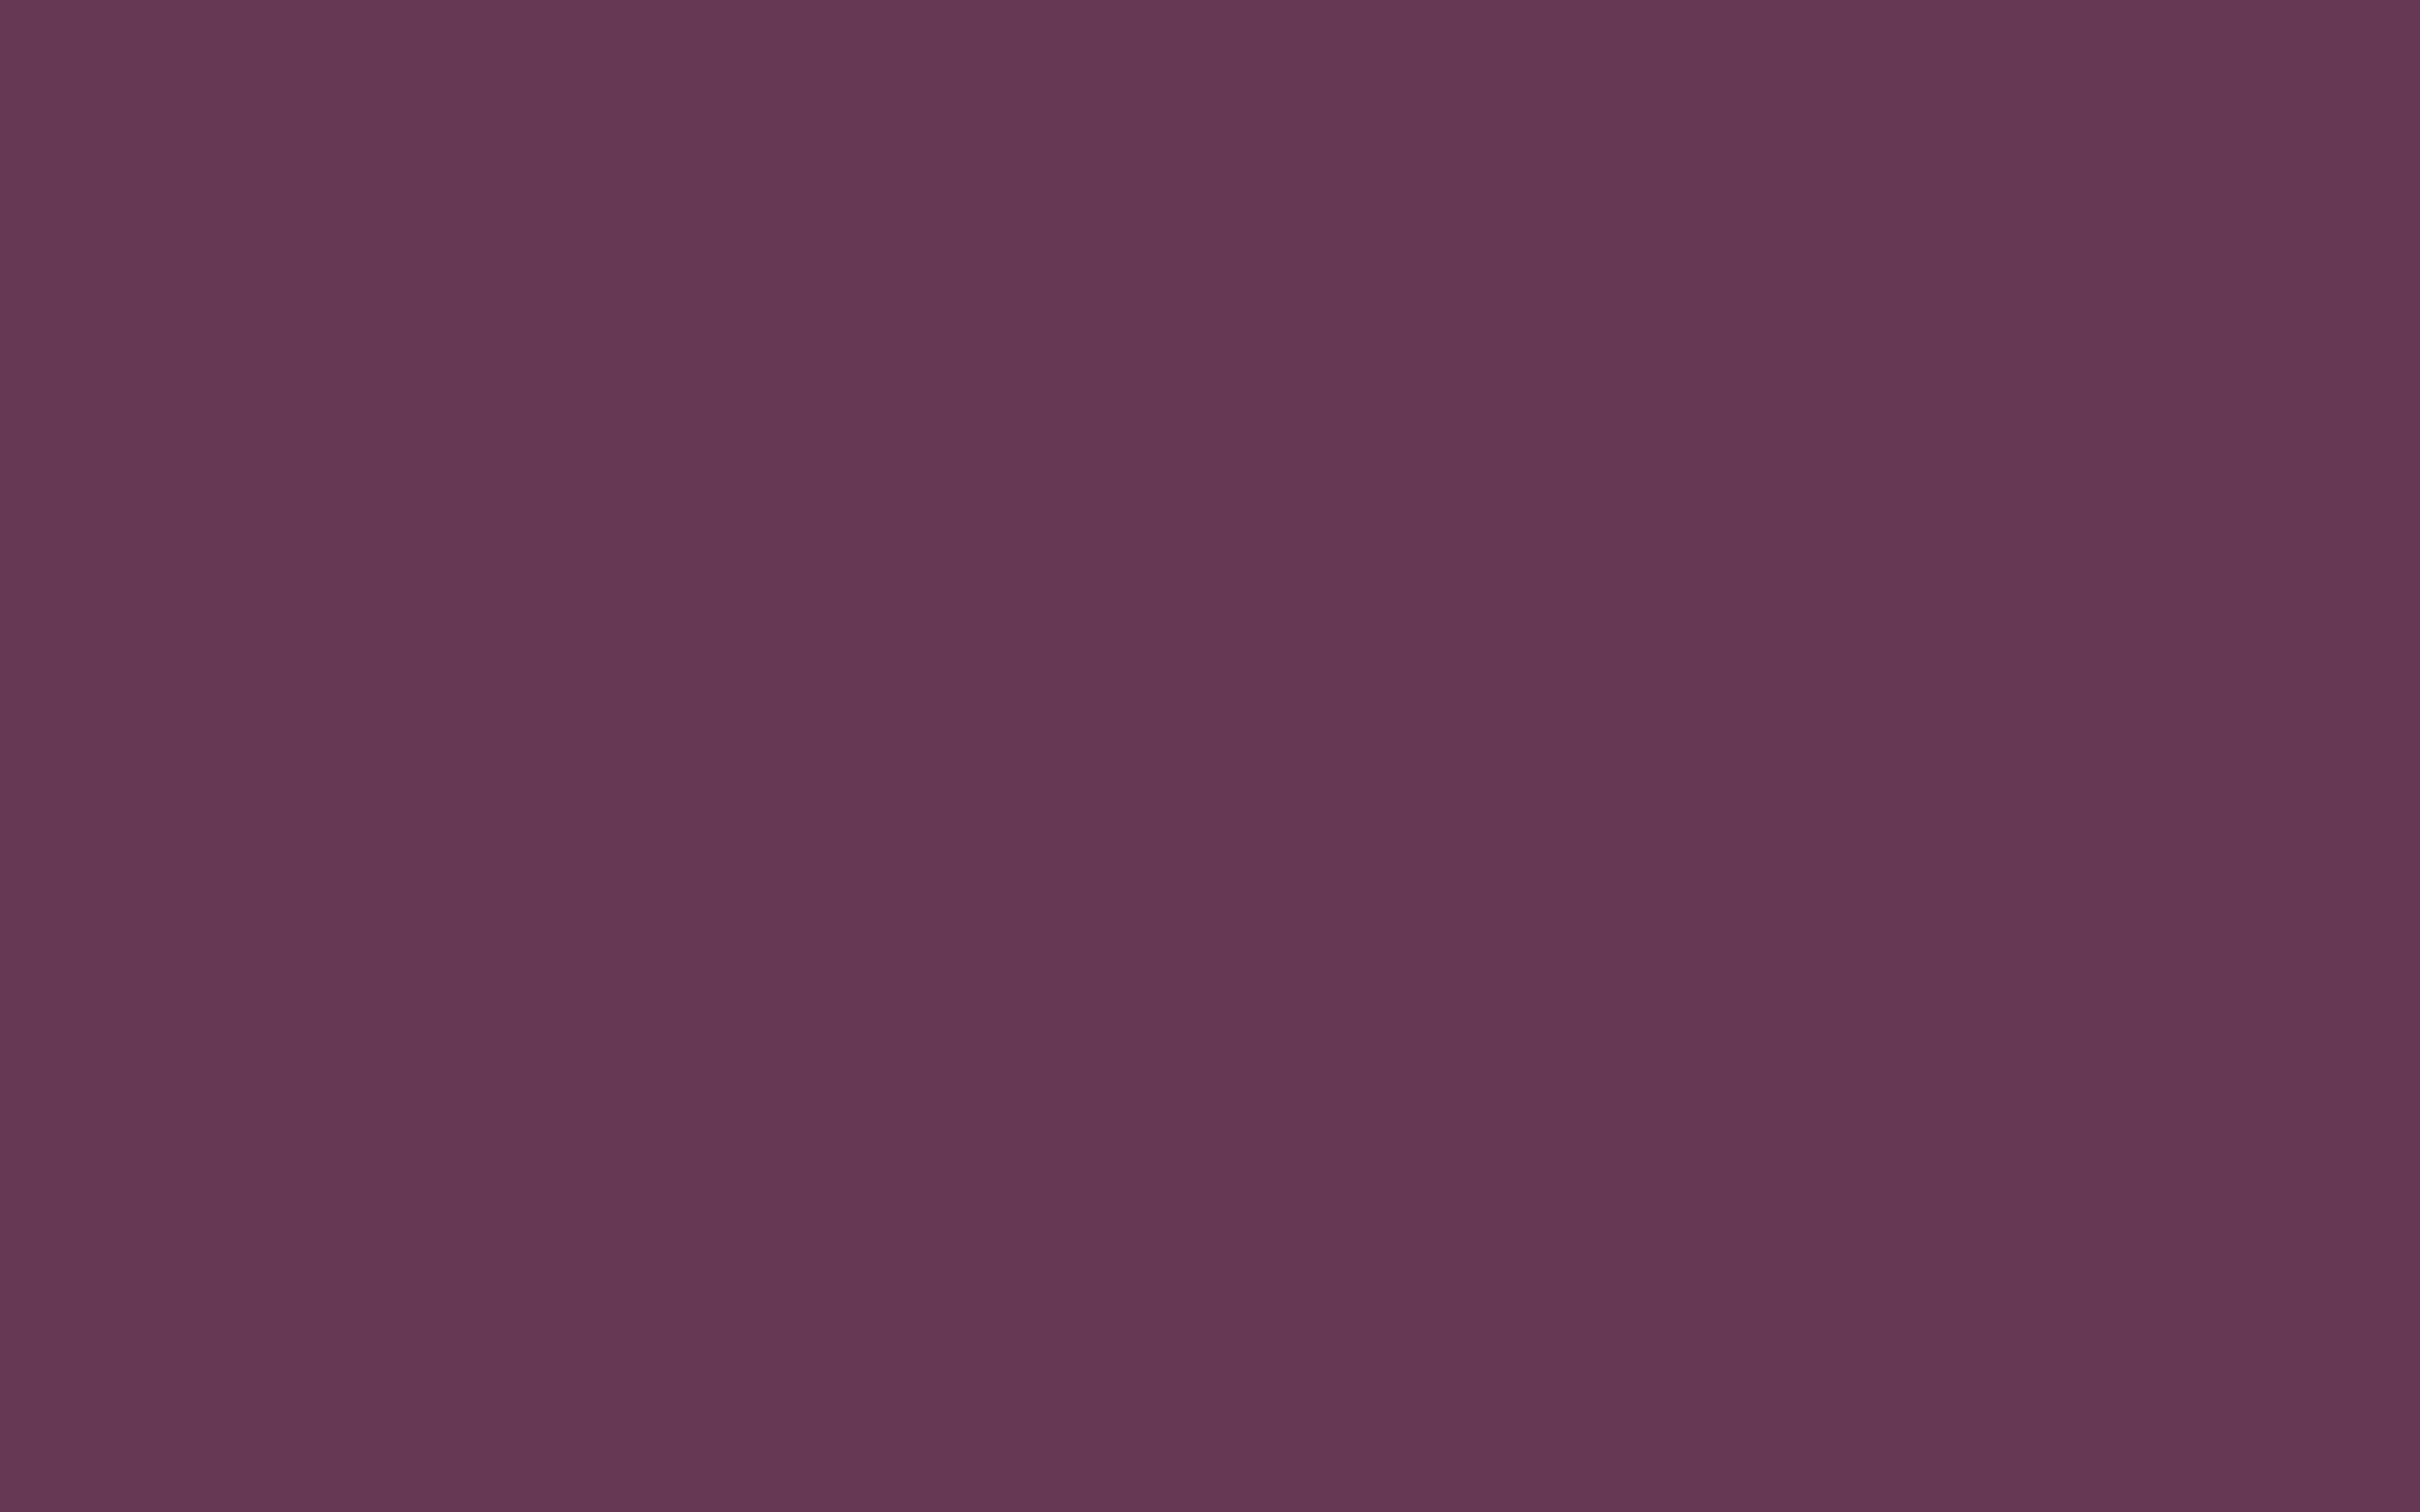 2560x1600 Halaya Ube Solid Color Background